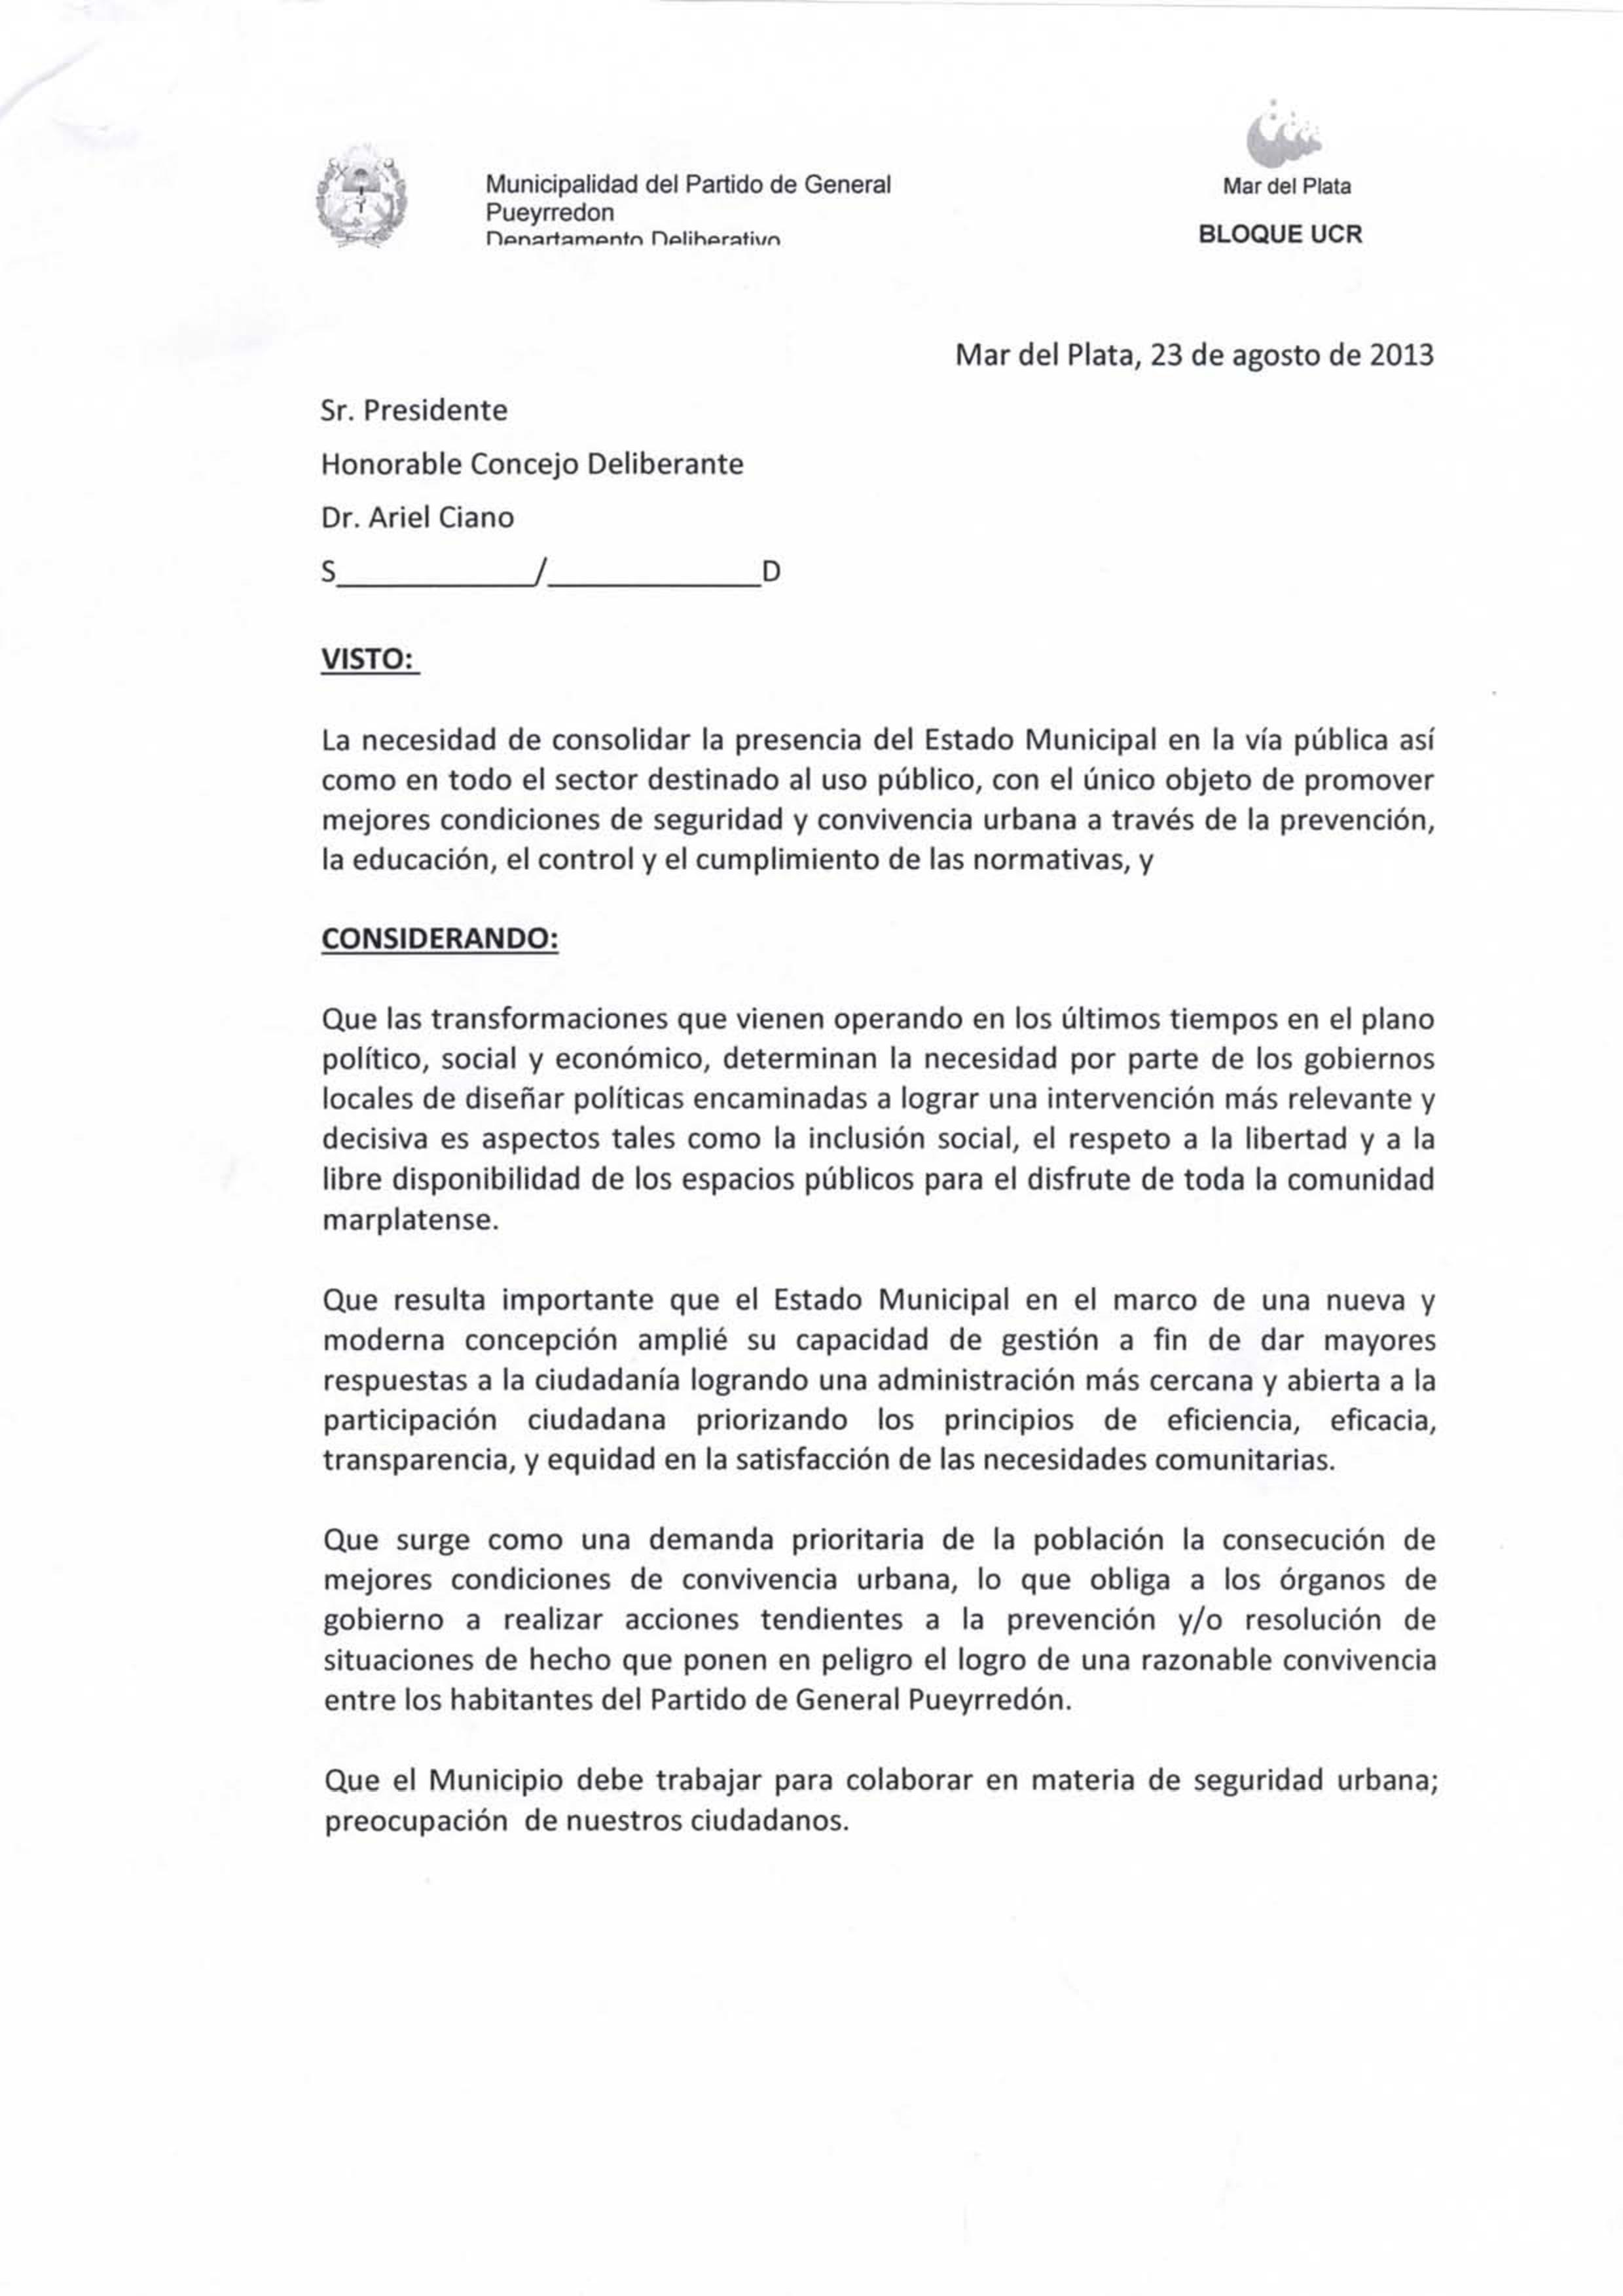 ¿Copia y pega? Facsímil de los dos proyectos,a los cuales se refiere Debora Marrero y denuncia una copia burda presentada como proyecto propio de Baragiola, con el sello del bloque de la UCR, sobre medidas de seguridad, extraído de la Municipalidad de Rosario.